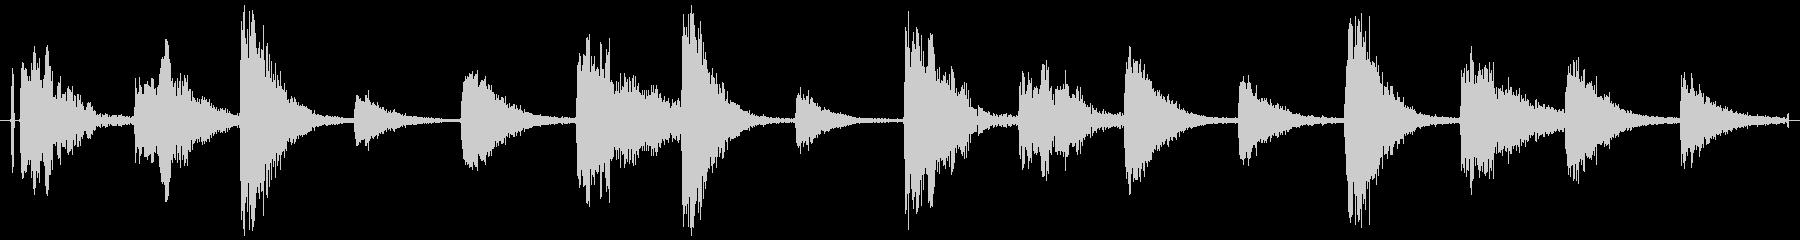 ドラムループ 可能 ウェット系01!の未再生の波形